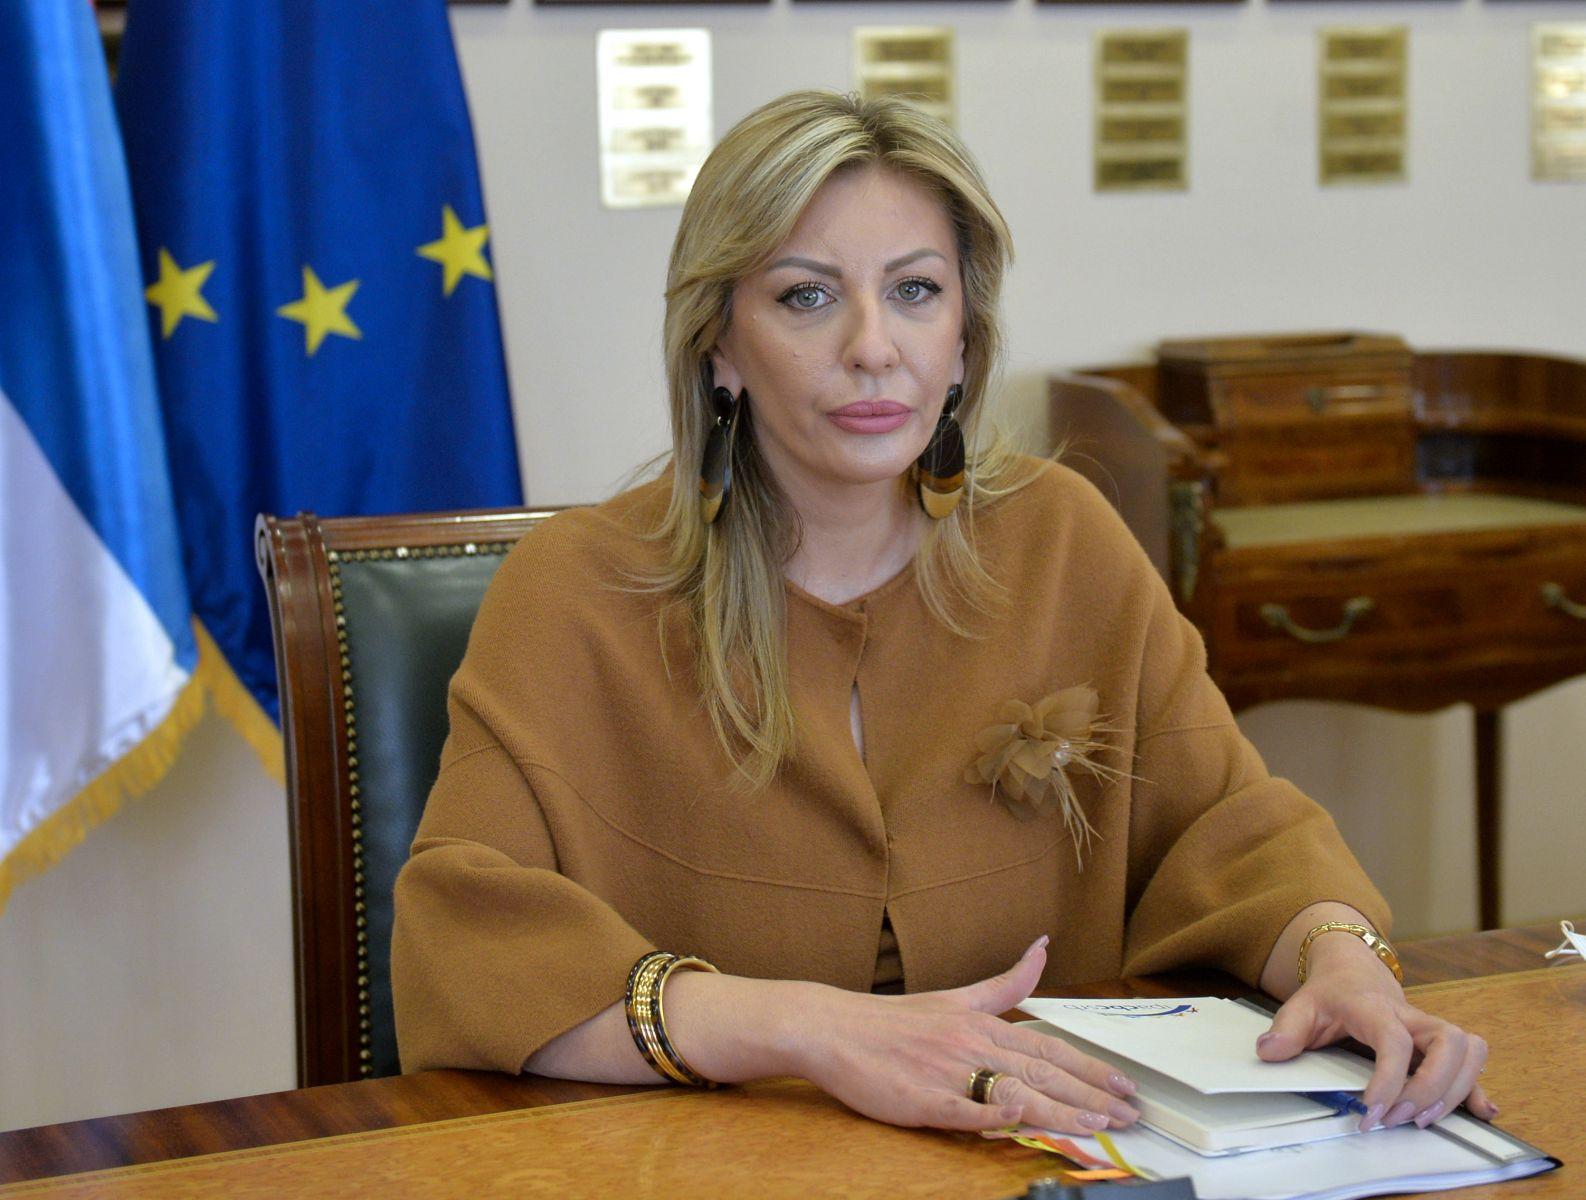 Ј. Јоксимовић и амбасадори ЕУ о наставку европских интеграција Србије